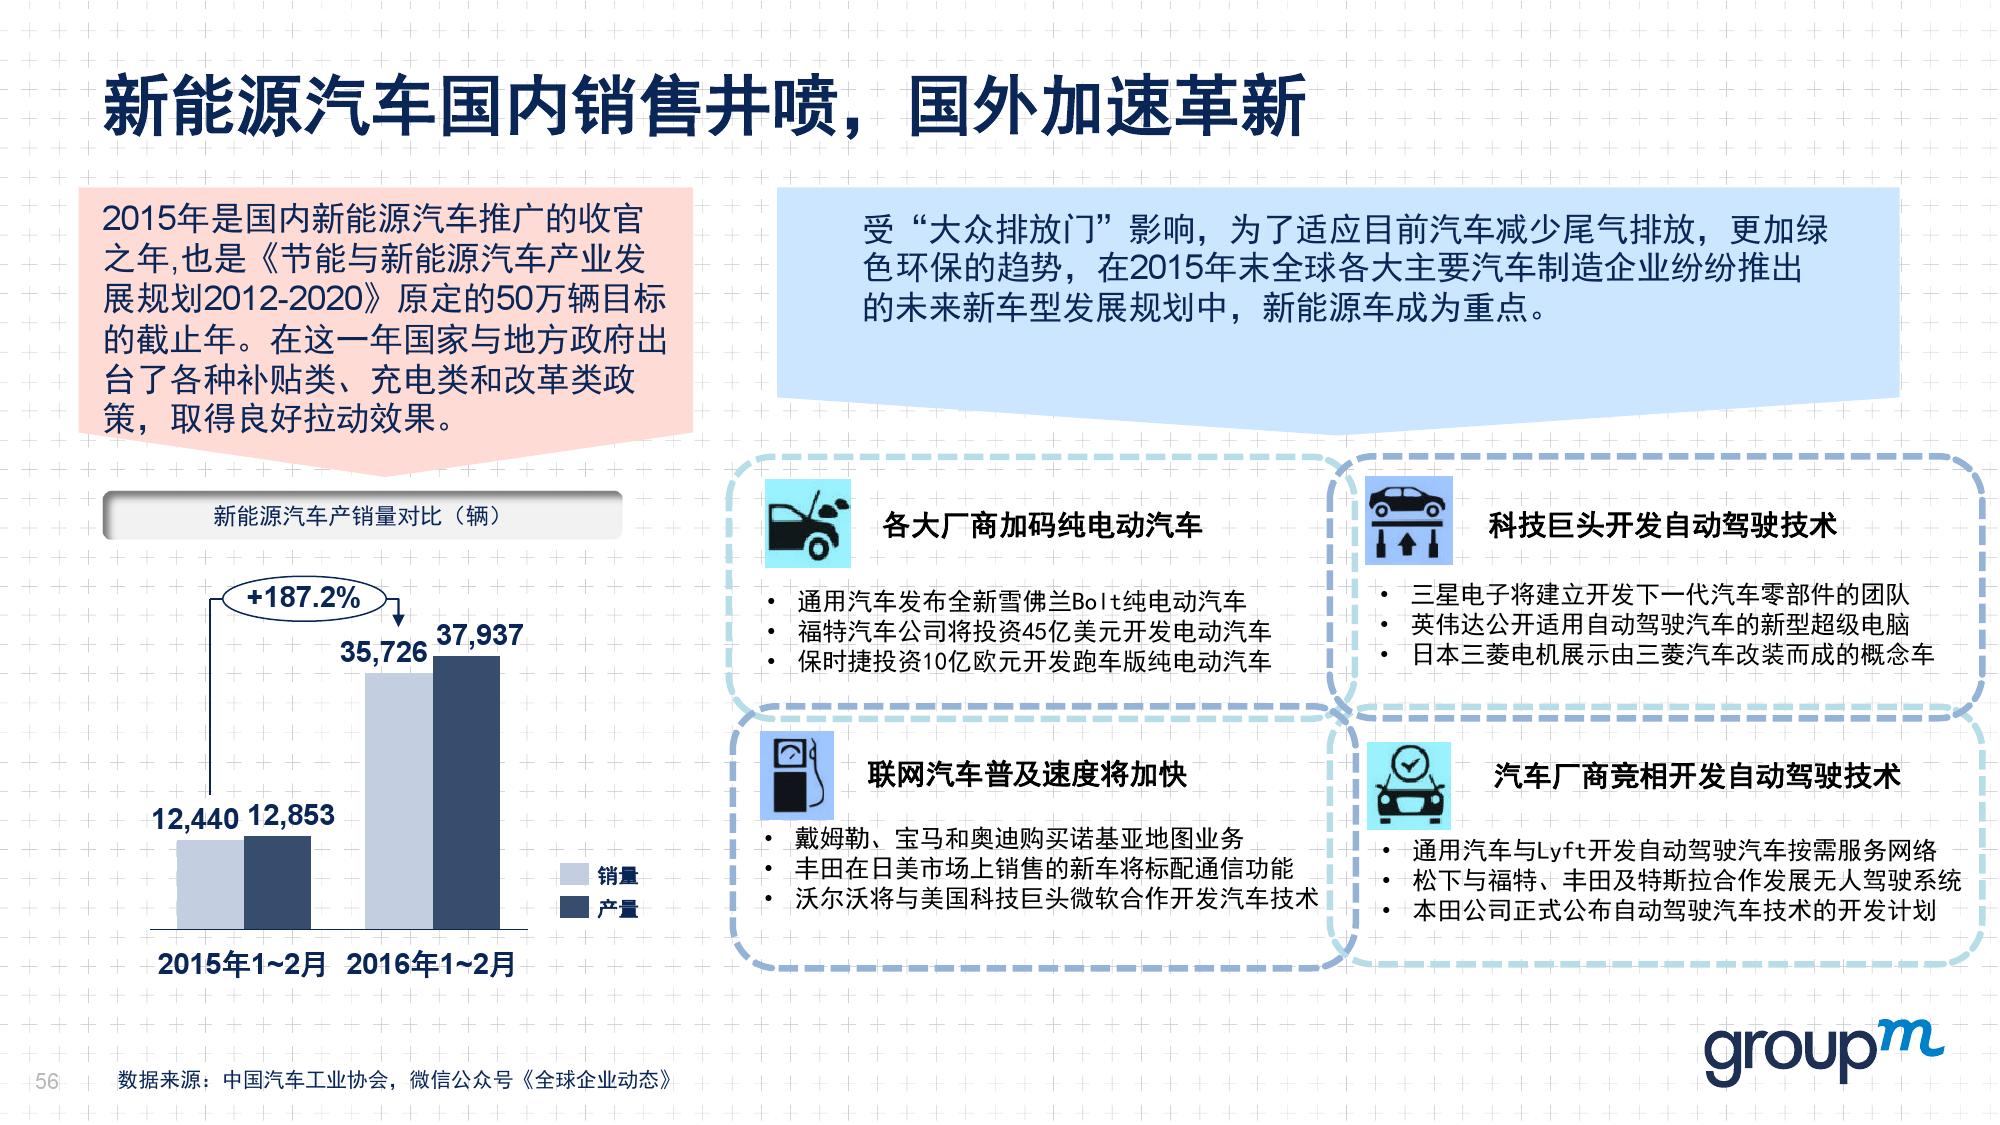 赢在中国2016:从需求刺激转向供给侧改革_000056